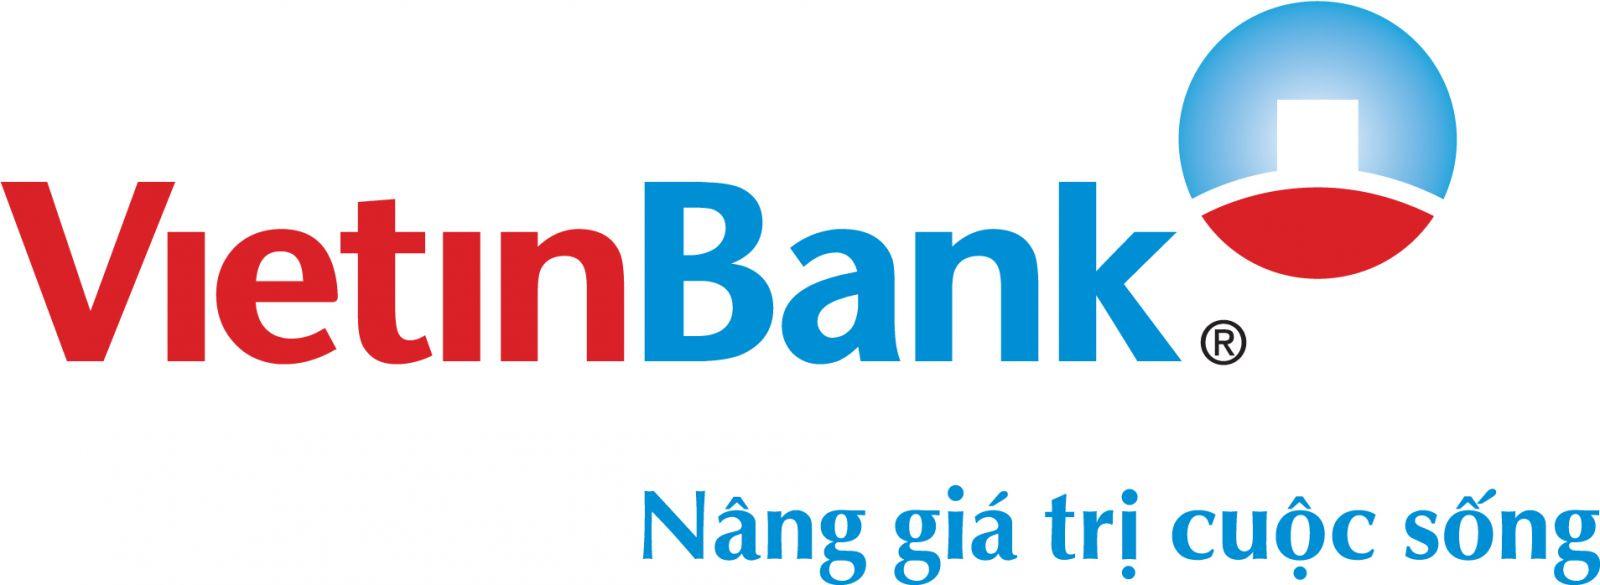 Viettinbank - Logo Vietinbank PNG